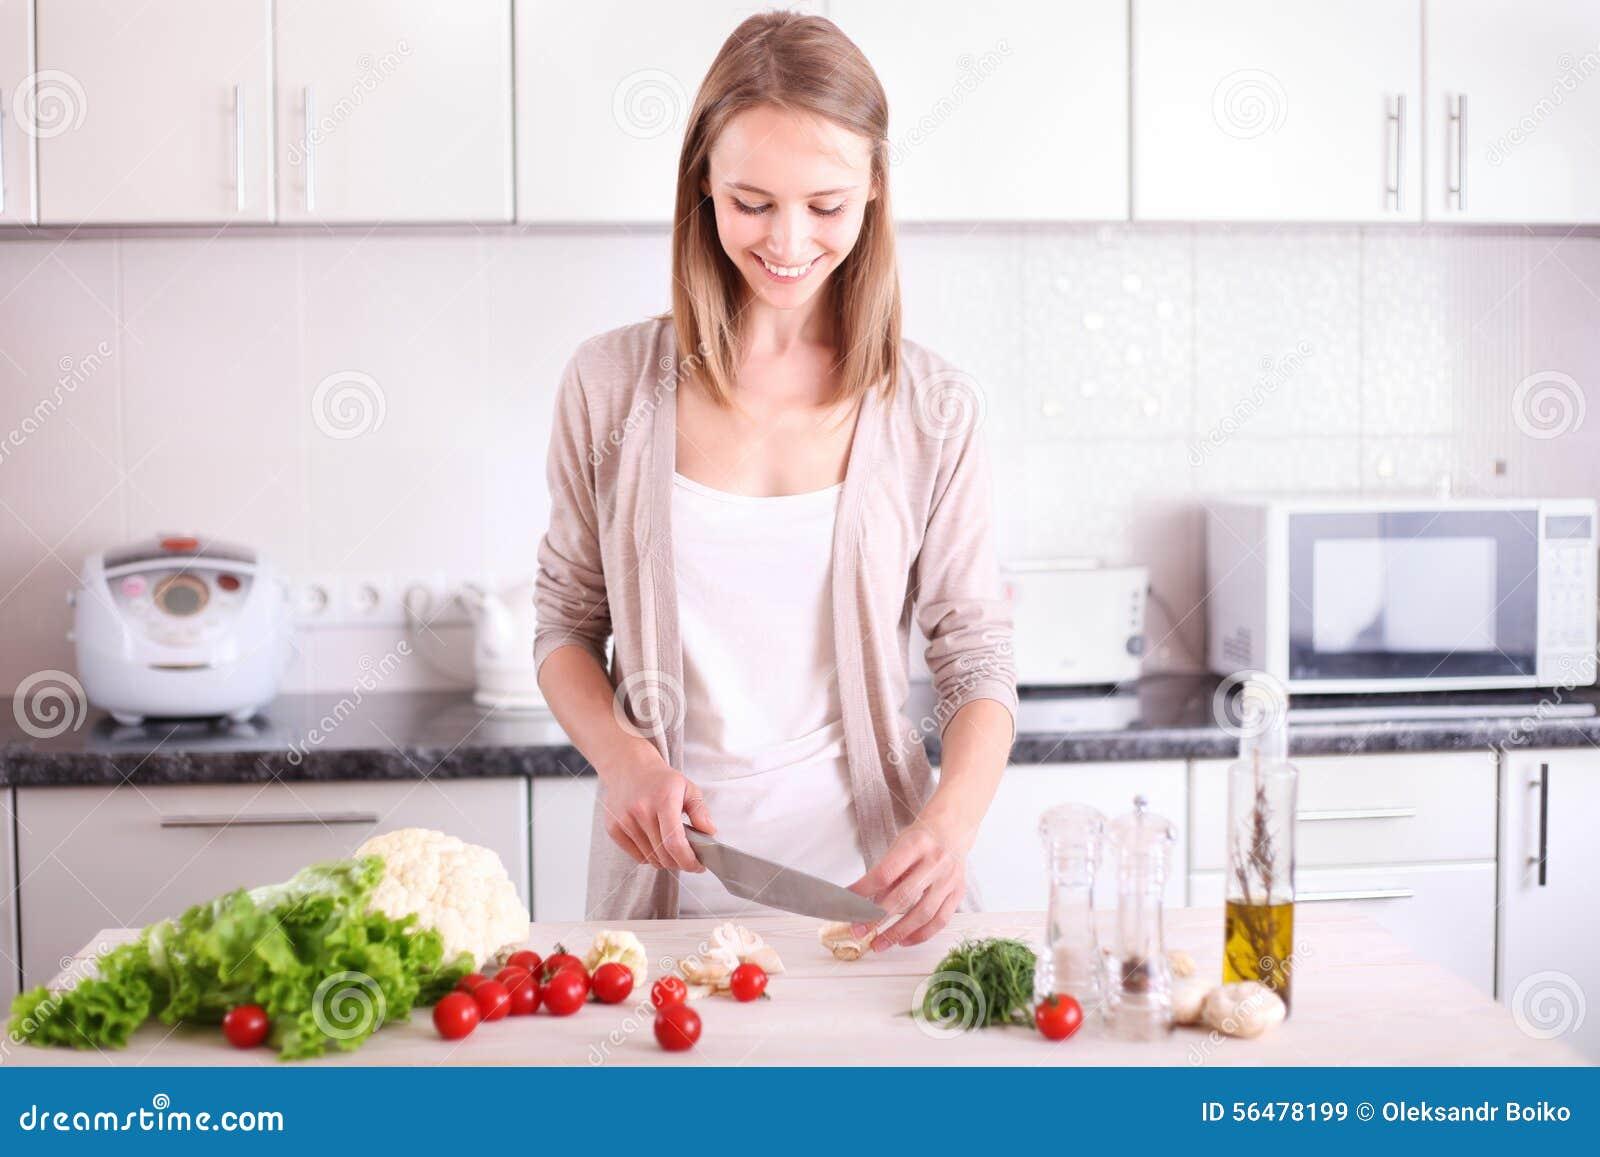 Jeune femme faisant cuire dans la cuisine image stock - Couple faisant l amour dans la cuisine ...